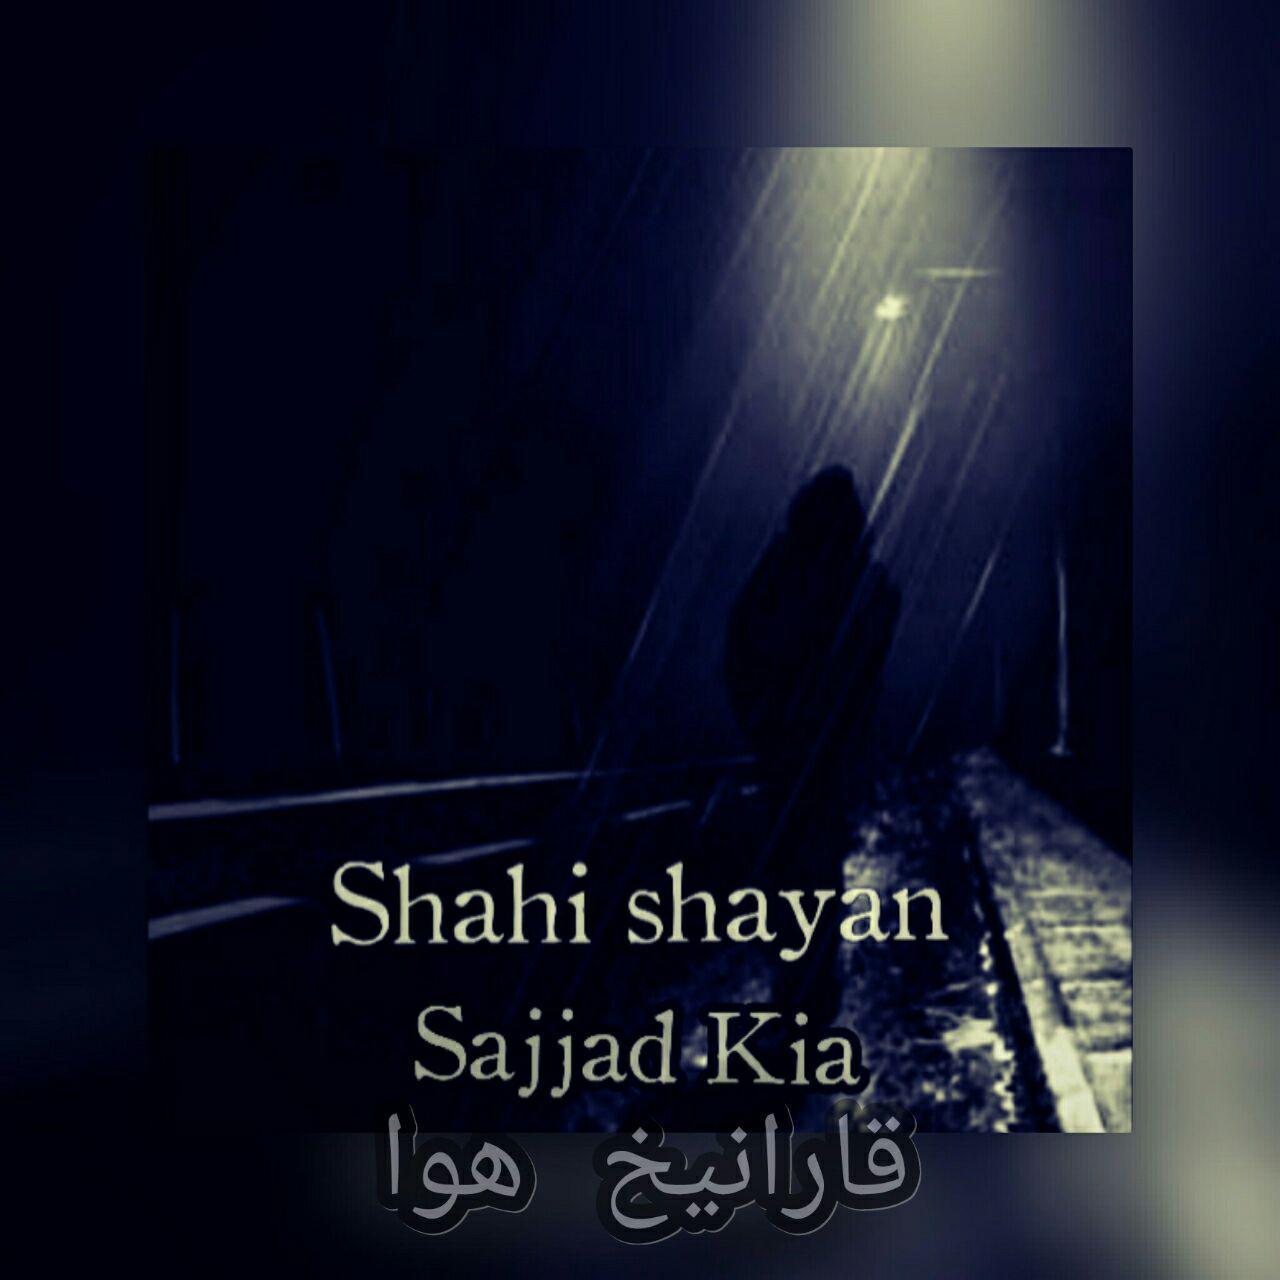 http://s8.picofile.com/file/8308786892/06Shahi_Shayan_Sajjad_Kia_Gharanikh_Hava.jpg